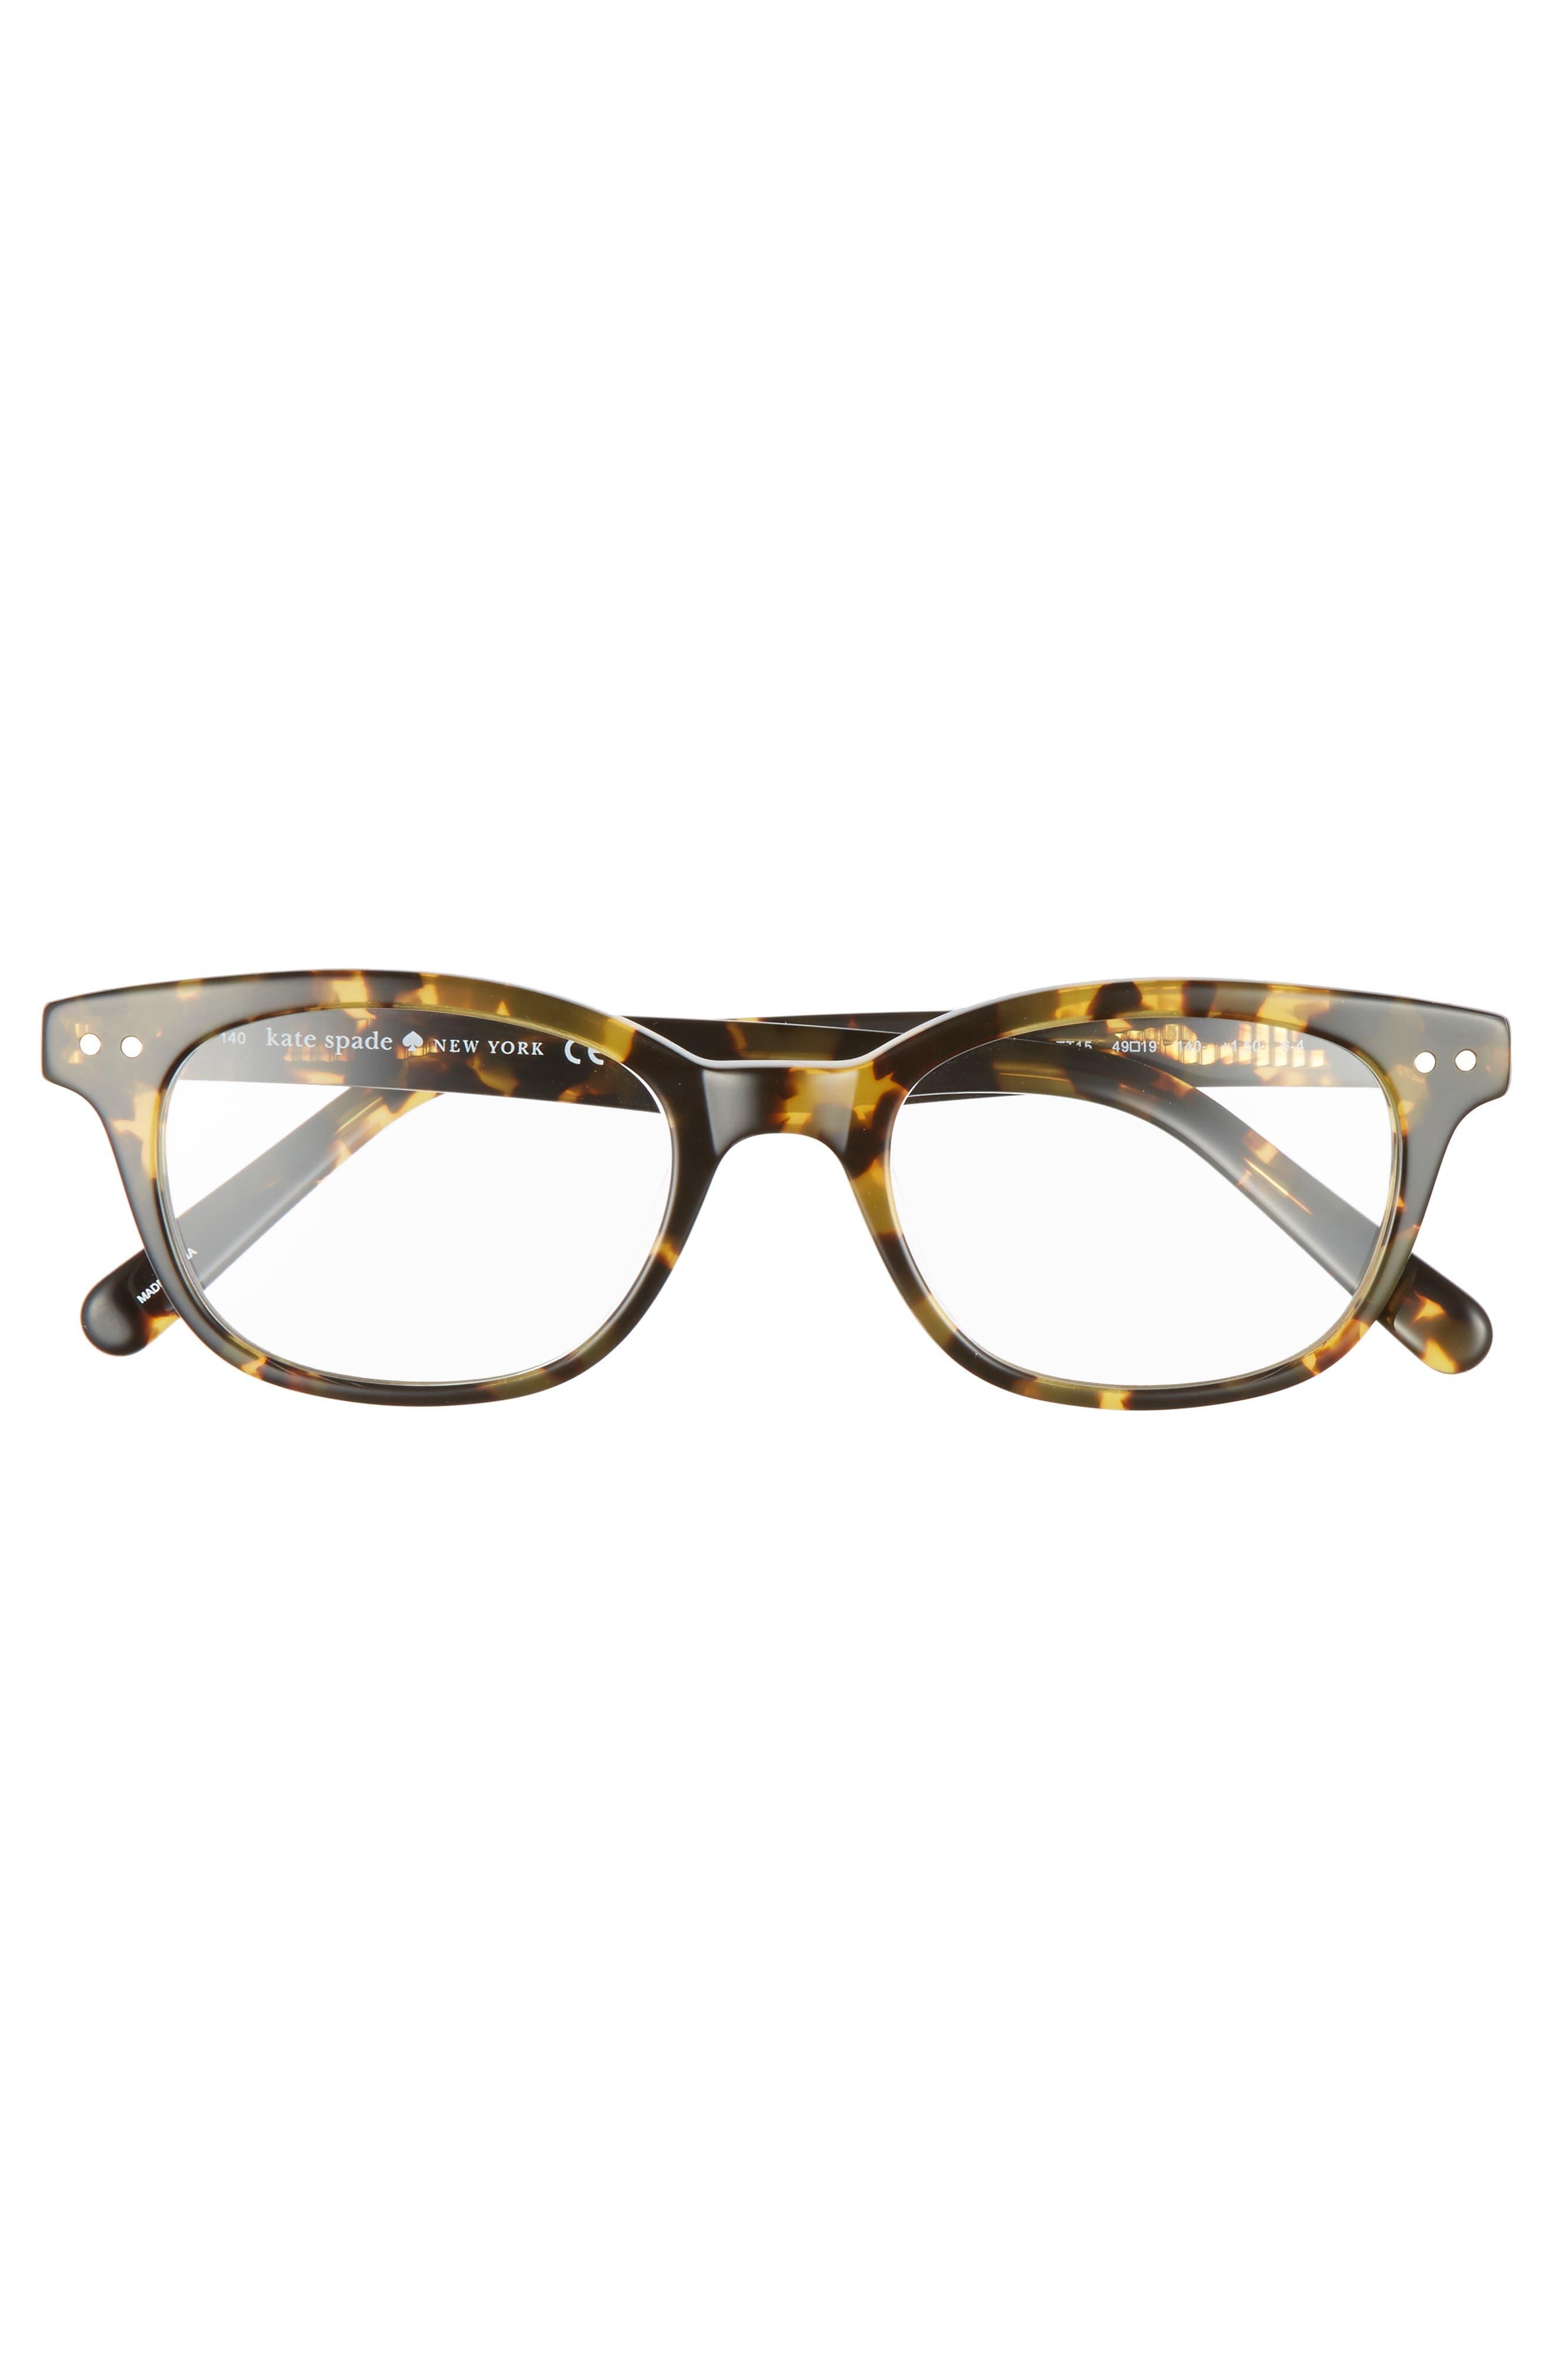 KATE SPADE NEW YORK,                             rebecca 49mm reading glasses,                             Alternate thumbnail 3, color,                             TOKYO TORTOISE